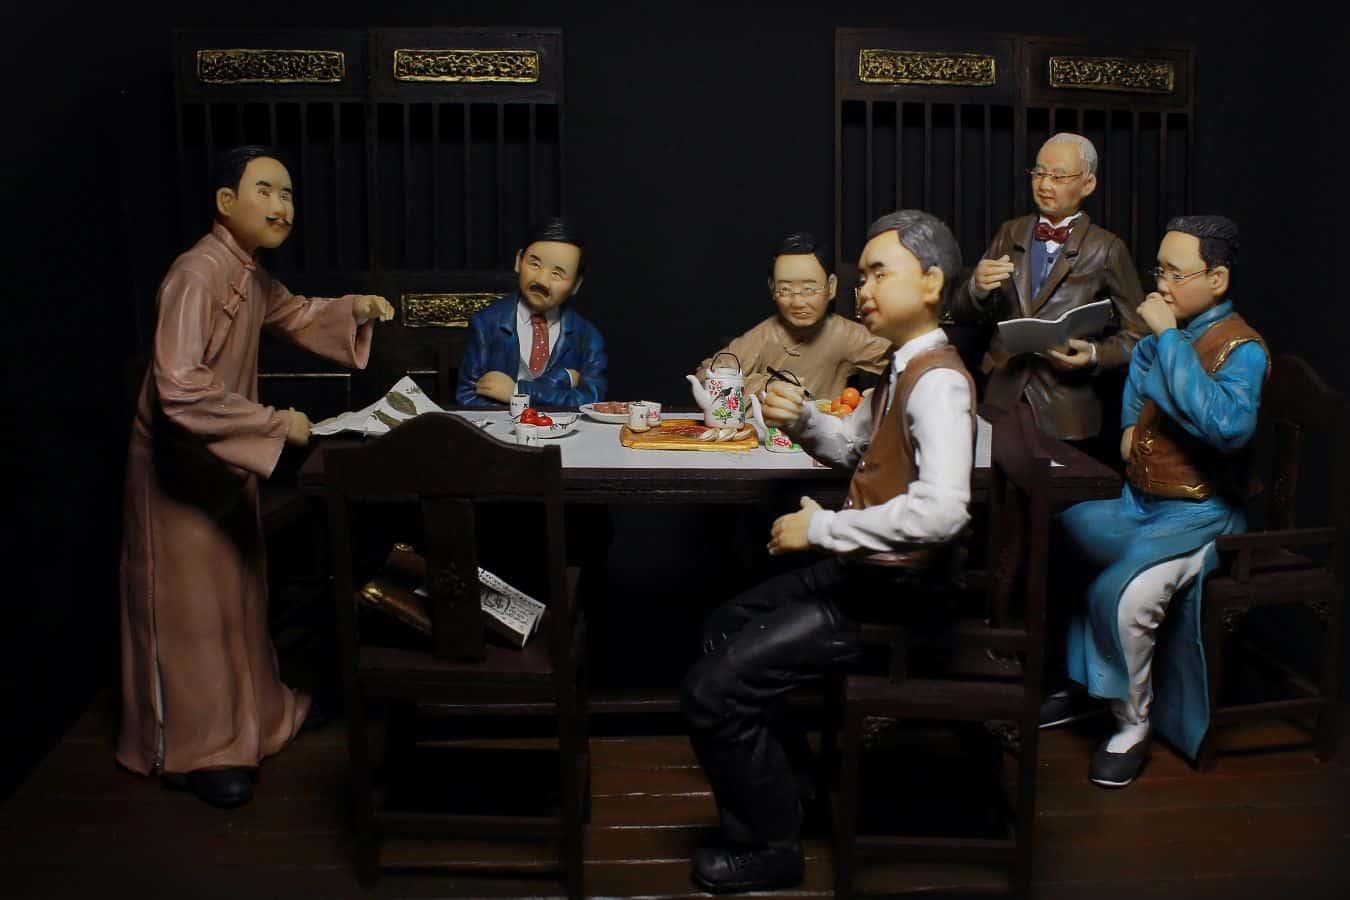 زيارة متحف نفق بينانج – بينانج